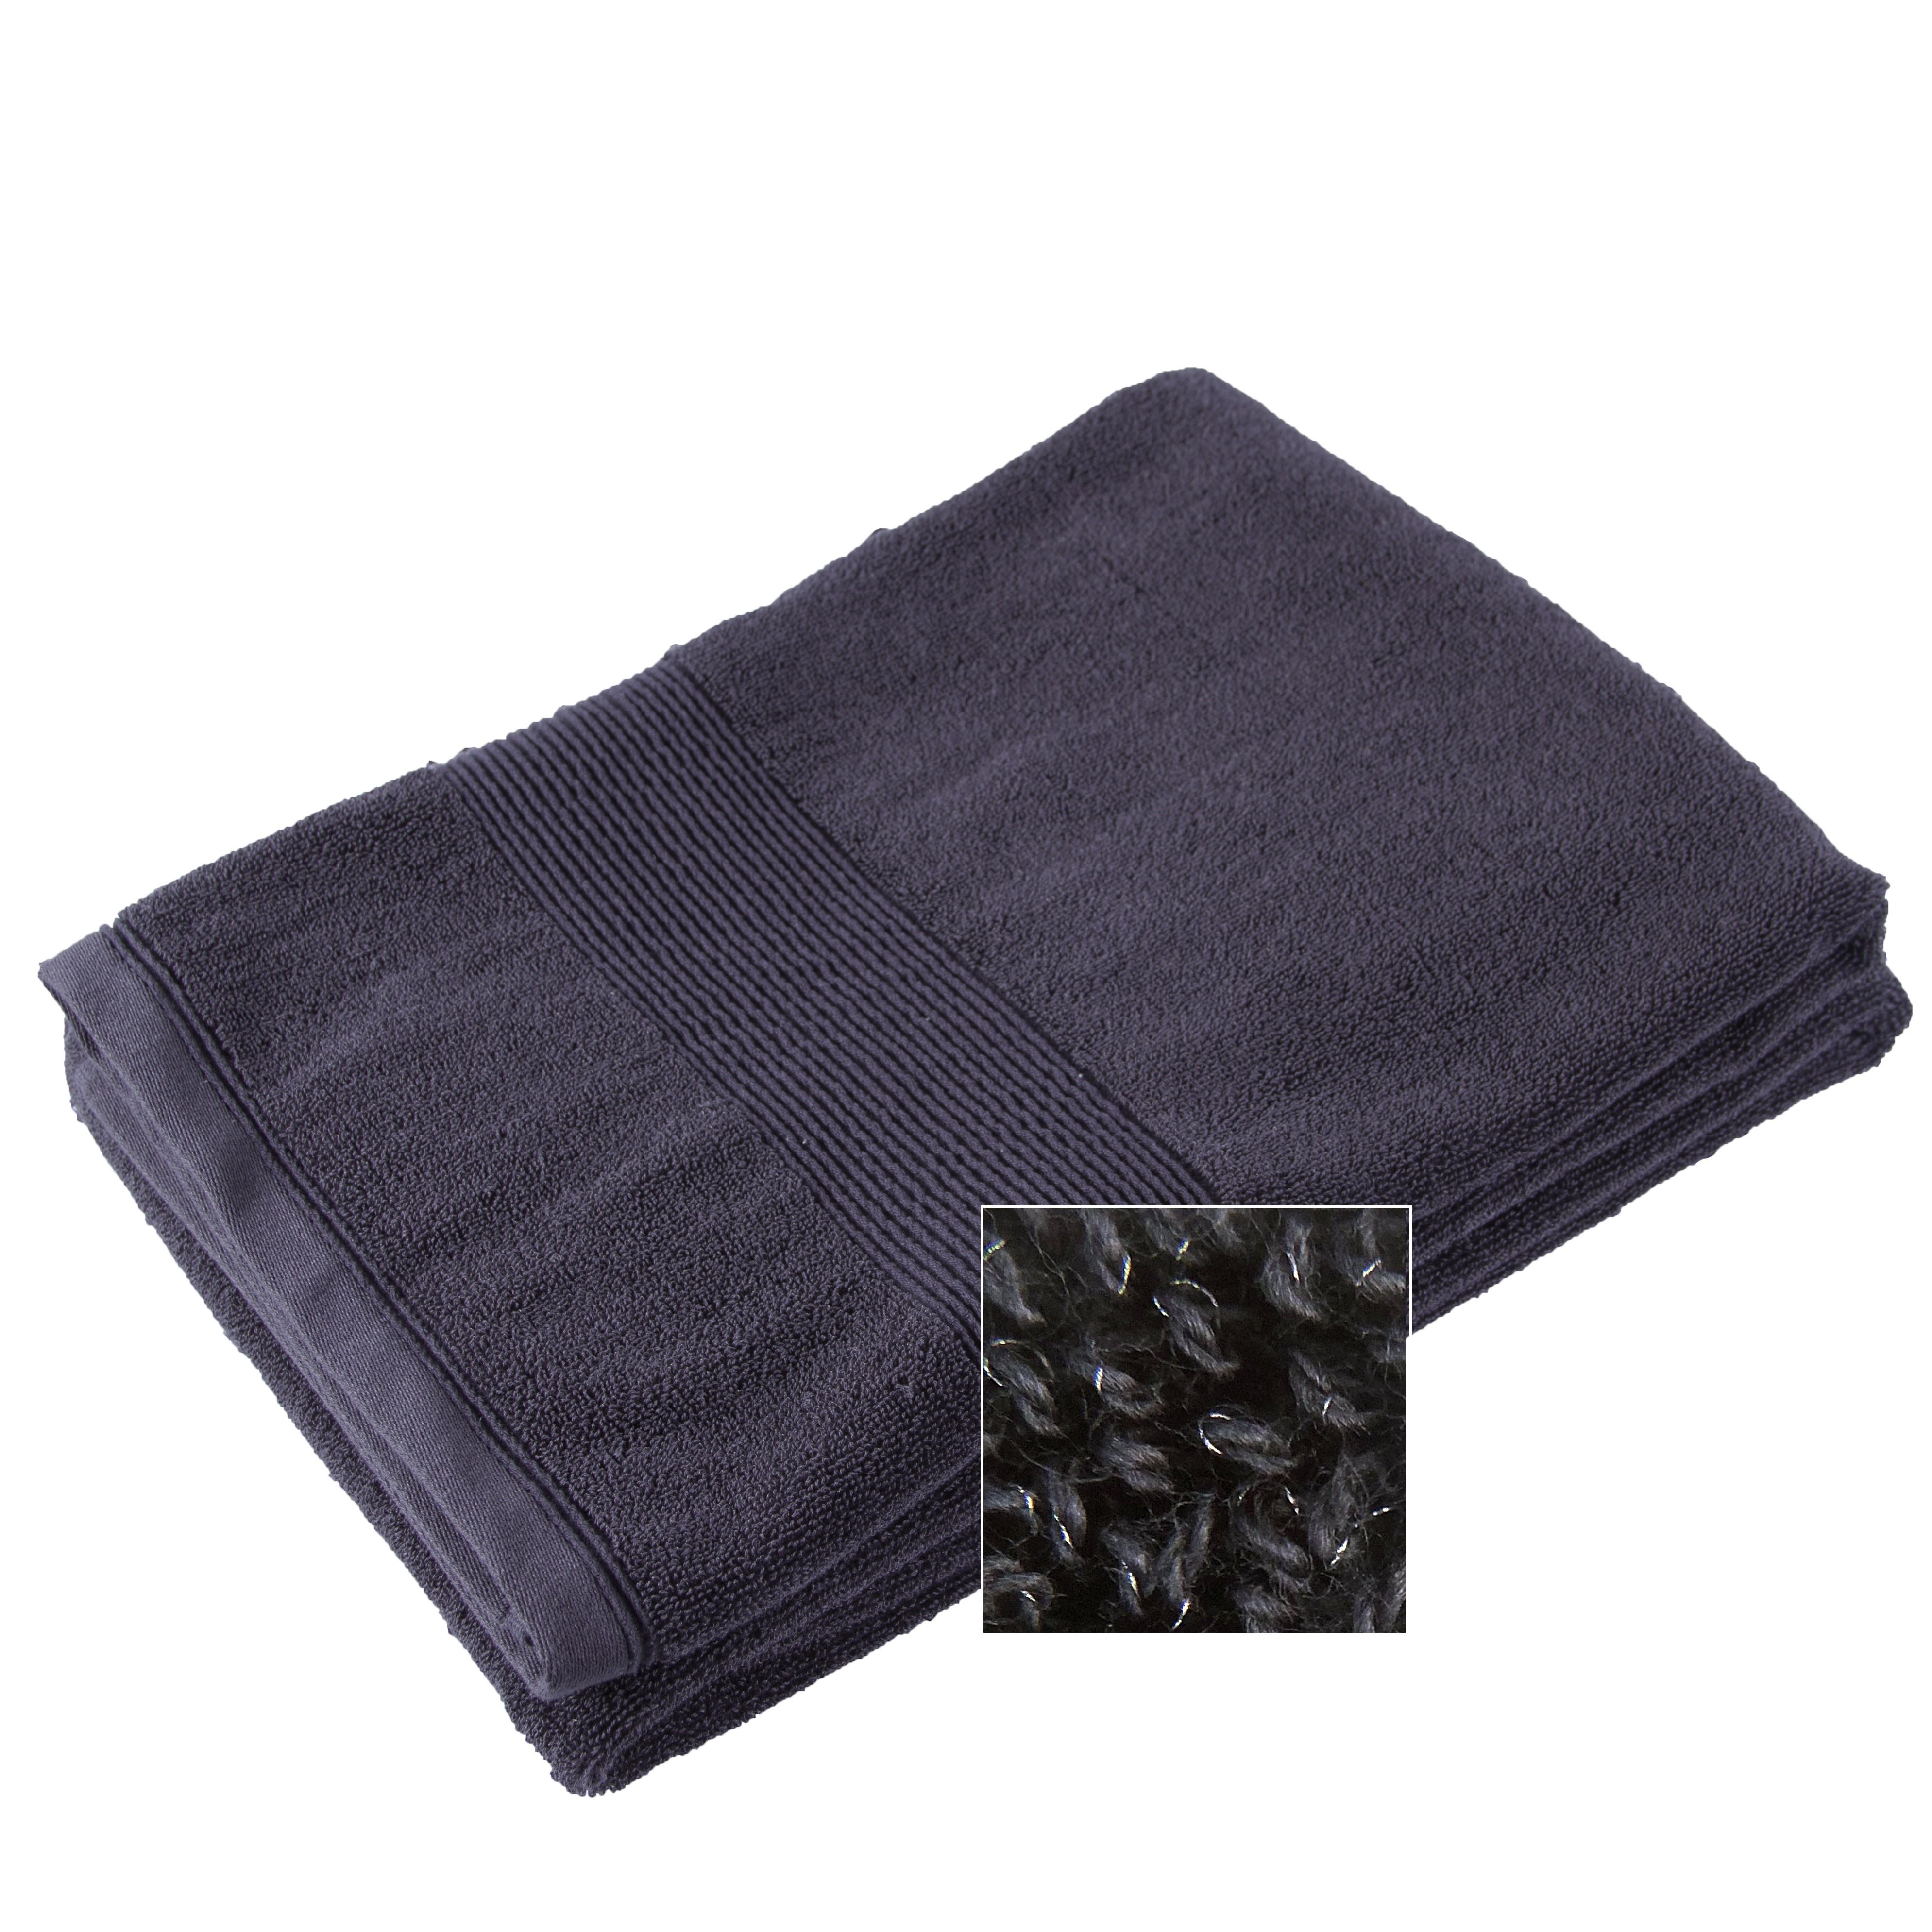 Antibacterial  Silver thread infused Bath Towel